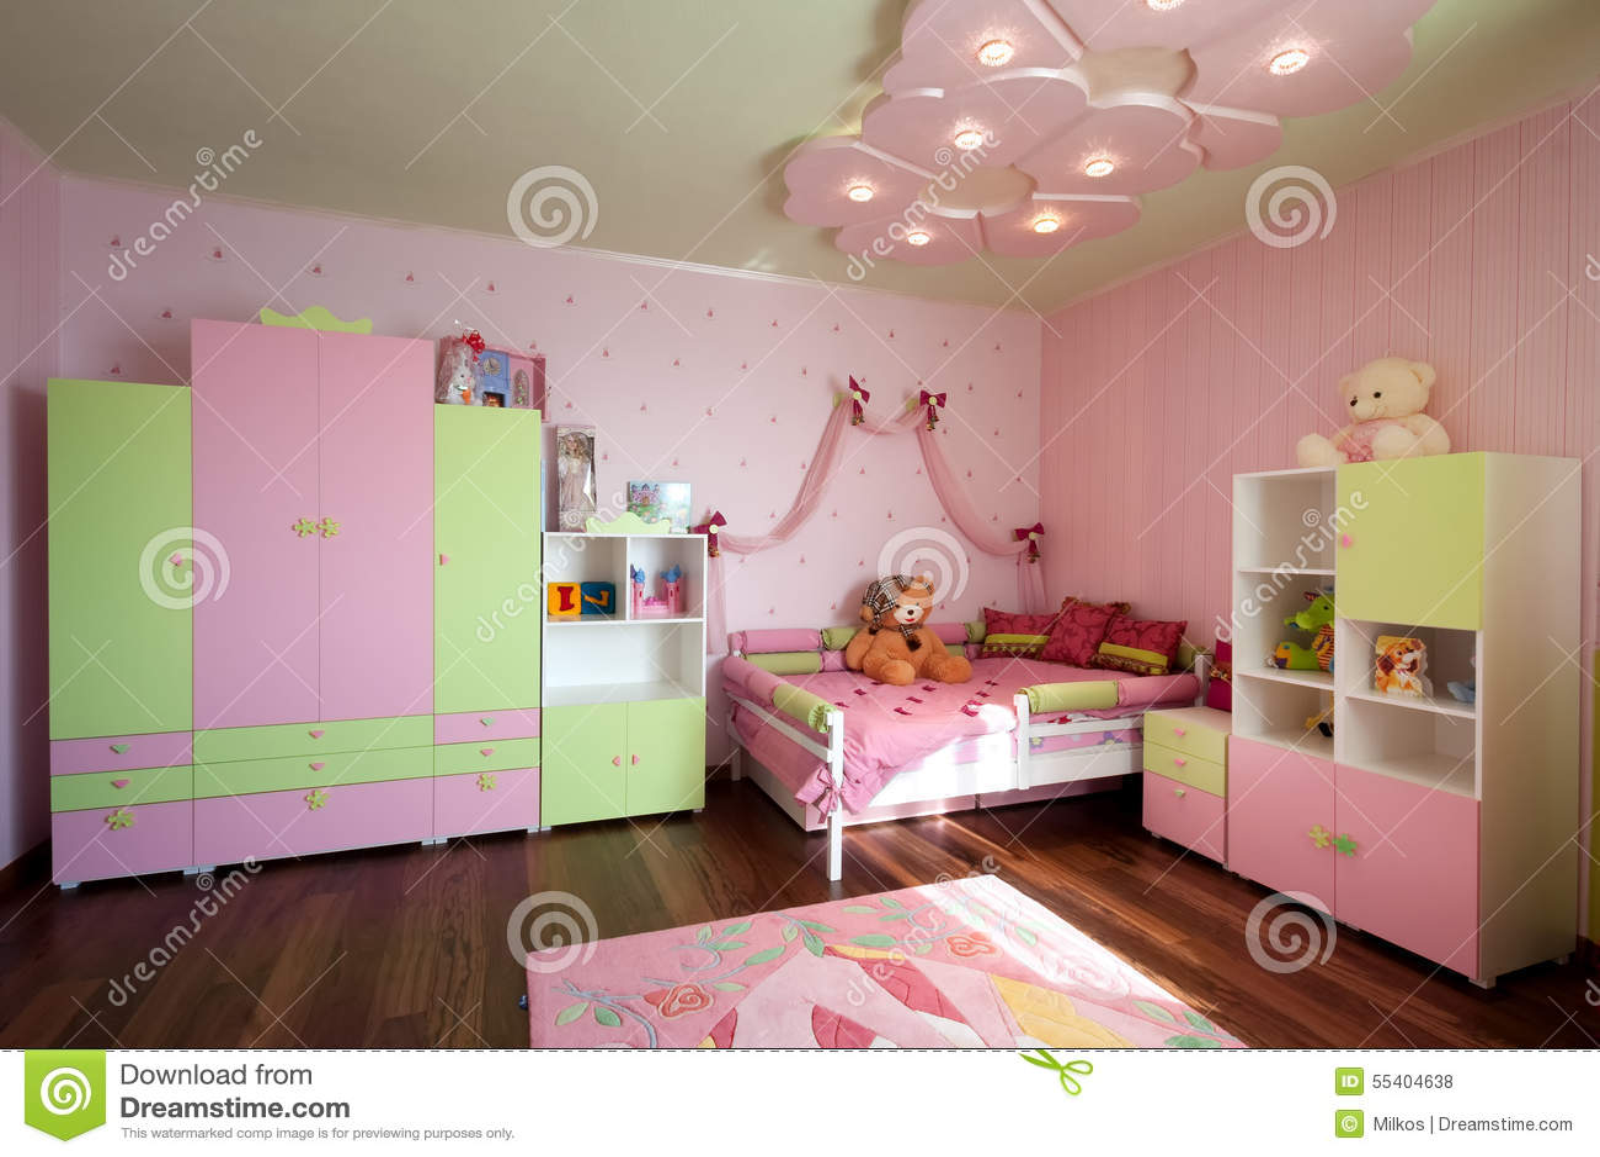 Conception moderne d 39 un int rieur de chambre d 39 enfant dans for Chambre d industrie